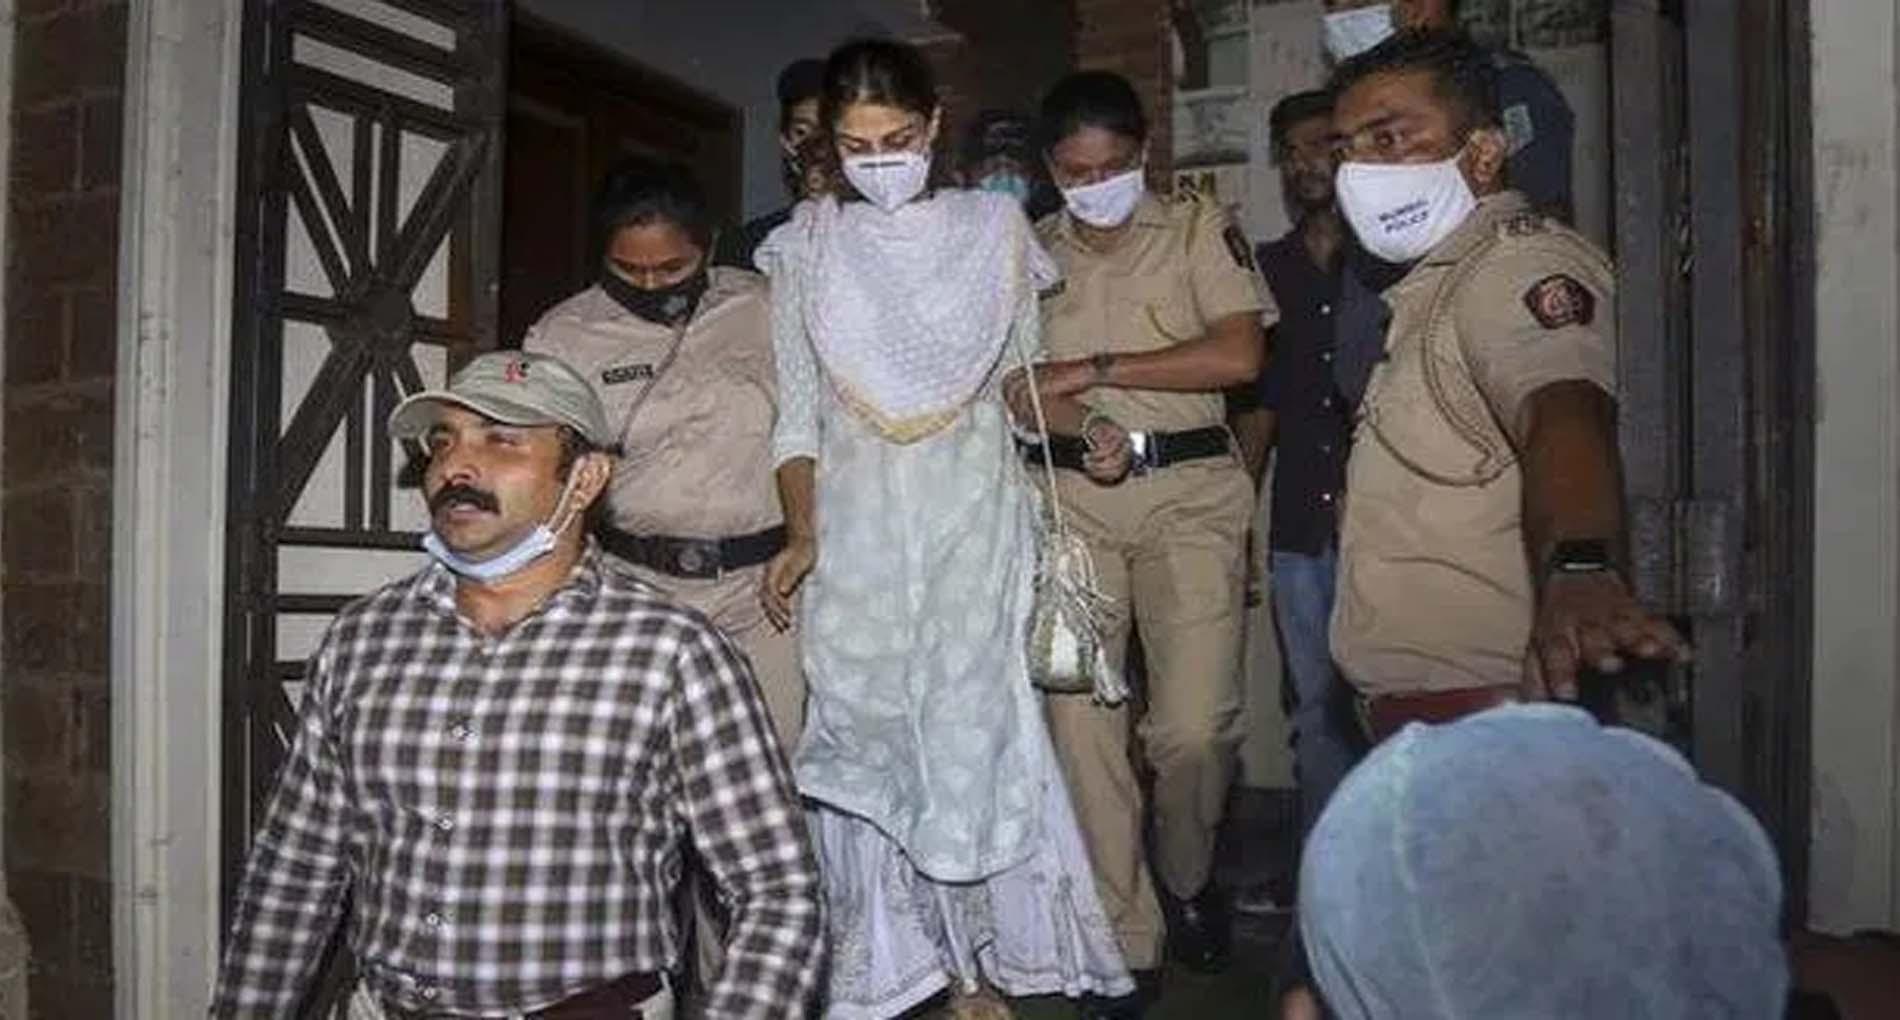 Sushant Case: रिया चक्रवर्ती से NCB की पूछताछ जारी, गिरफ़्तारी की तलवार लटकी!